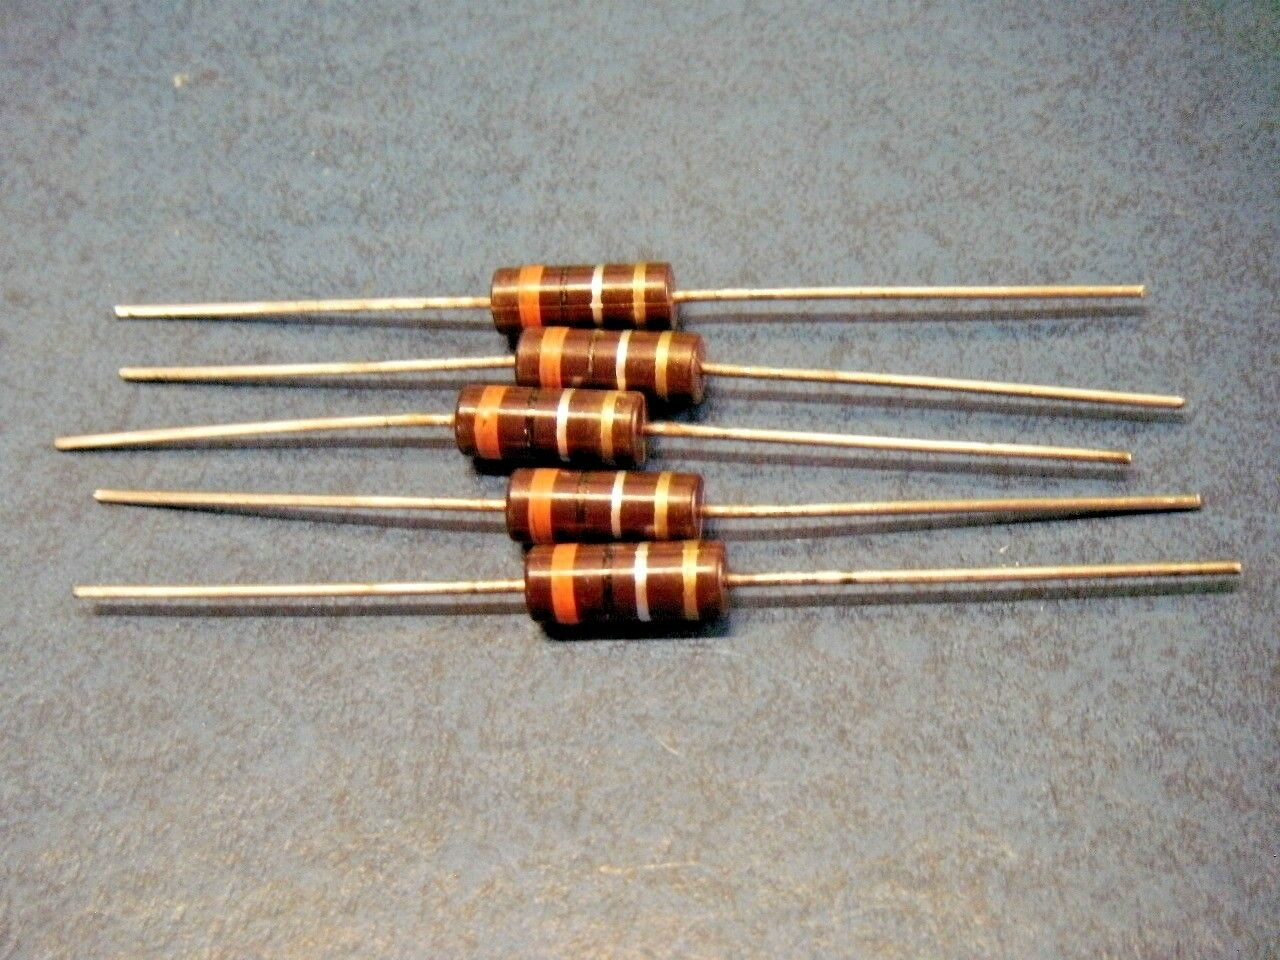 5 pcs TRW//IRC BWH Type Molded Wirewound Resistor 2W 10/% 6.8 OHM OHMS